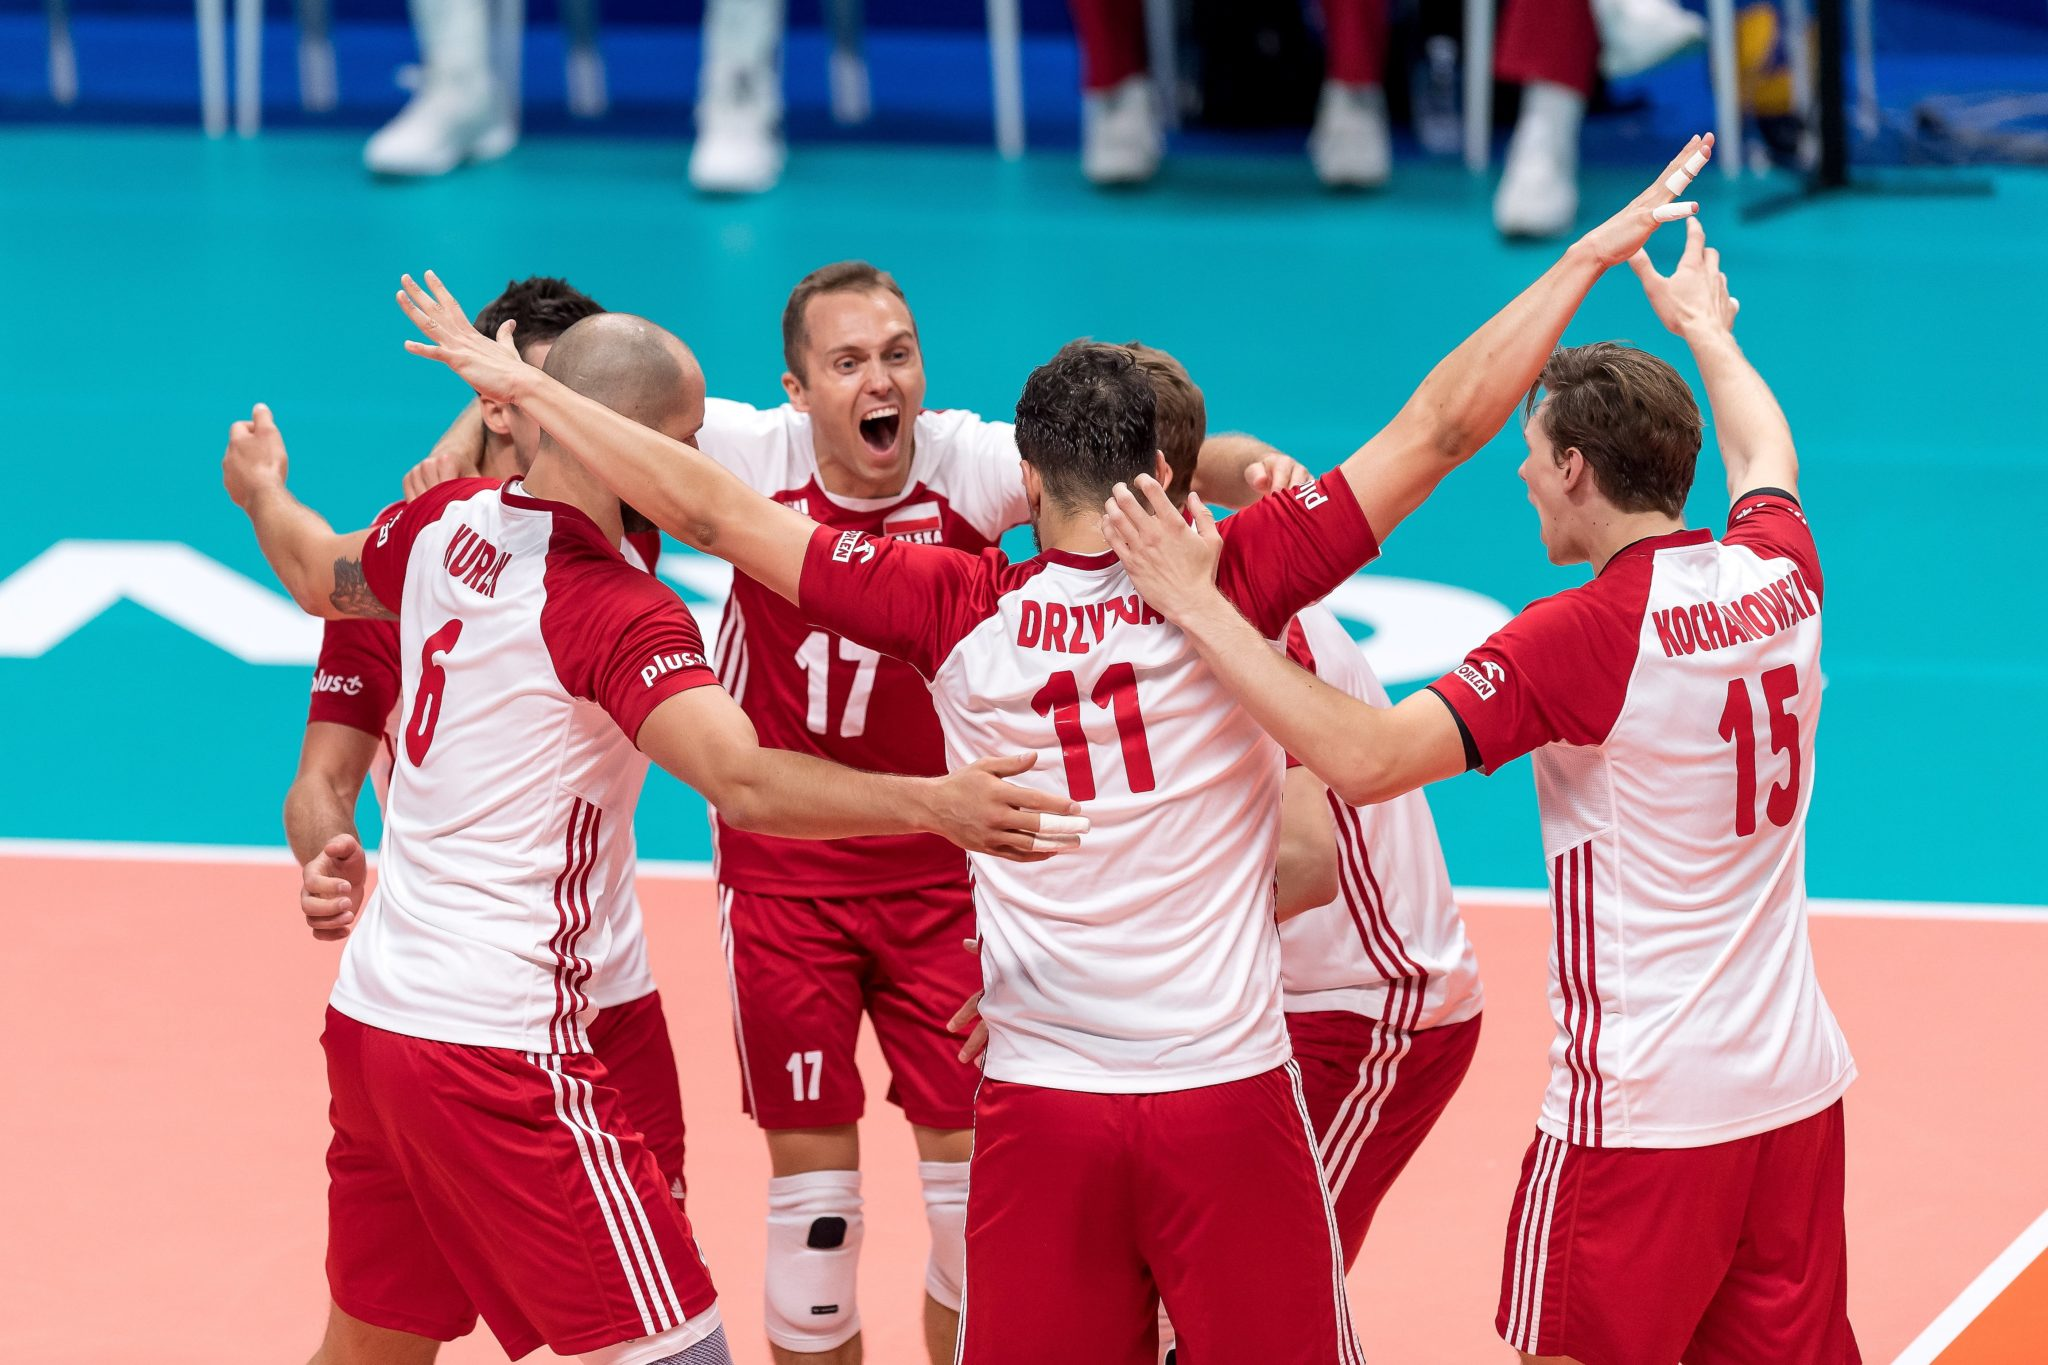 Polscy siatkarze pokonali w Turynie Serbów w III rundzie mistrzostw świata! Biało-czerwoni wygrali 3:0. Ekipę z Bałkanów Polacy pokonali także w swoim poprzednim spotkaniu tej imprezy. Na koniec zmagań wgrupie J biało-czerwoni zagrają zbędącą